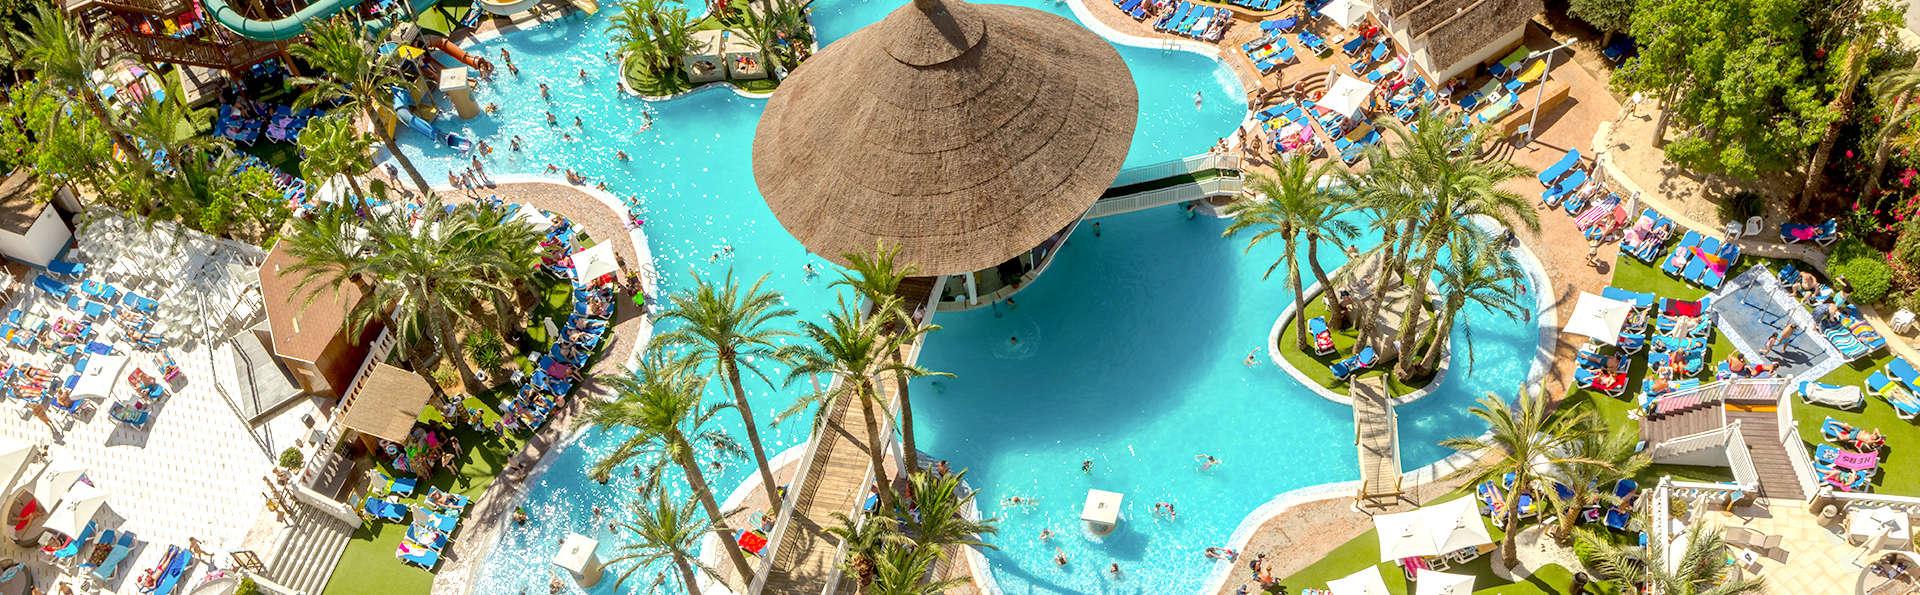 Magic Tropical Splash - Edit_PoolView.jpg